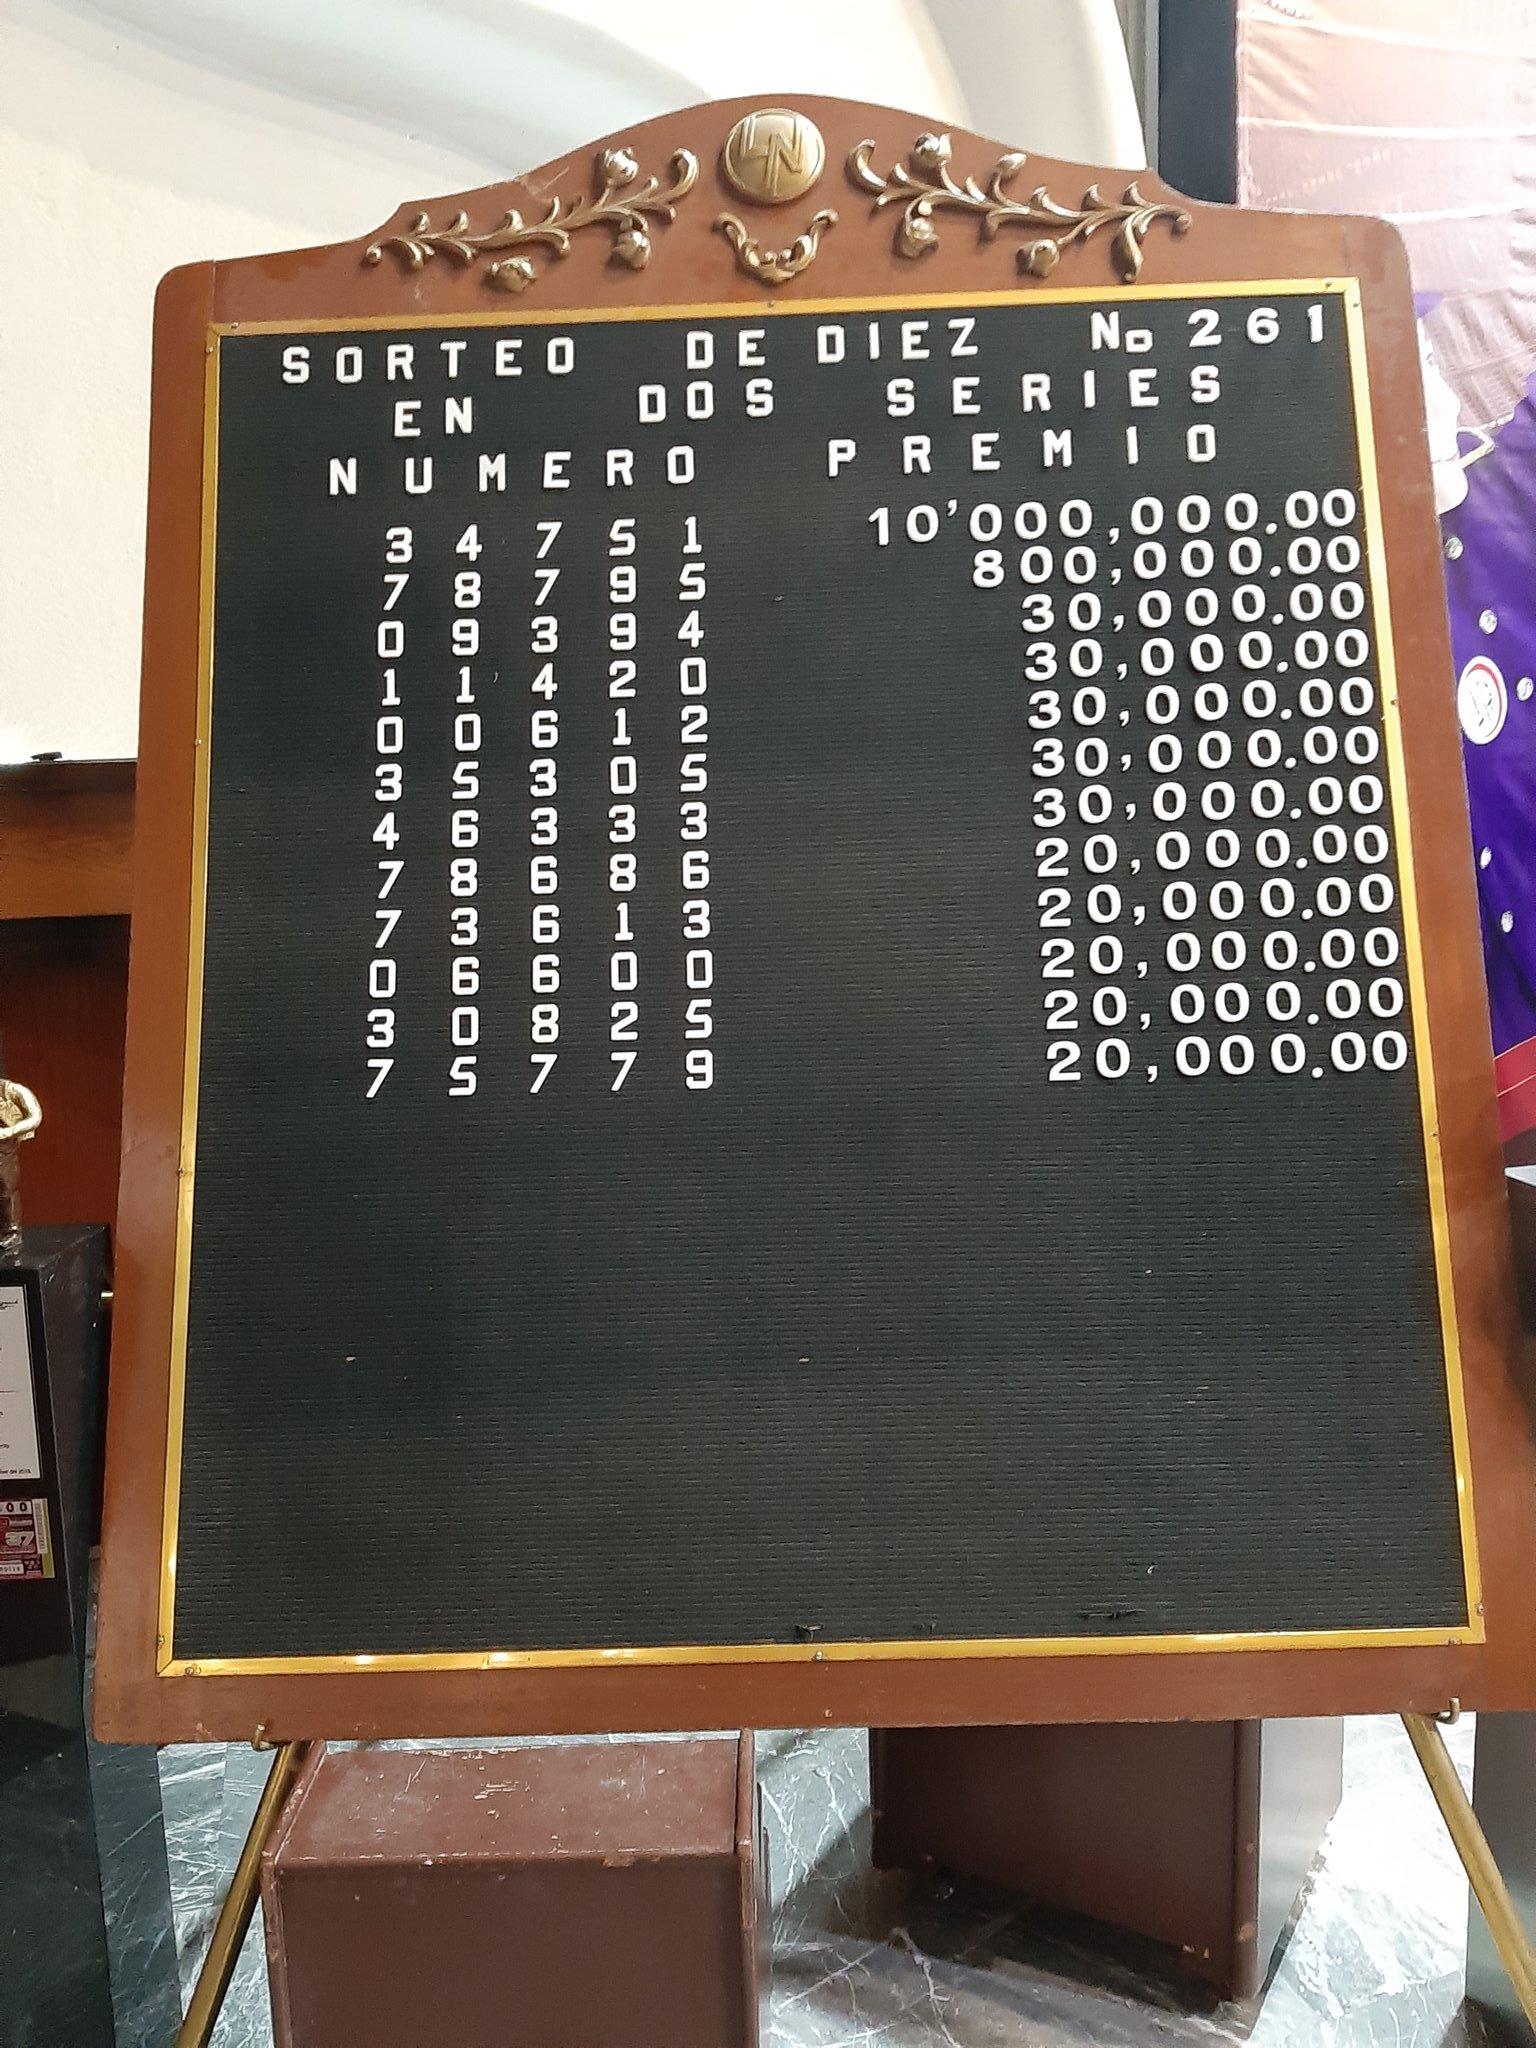 Resultados sorteo diez 261